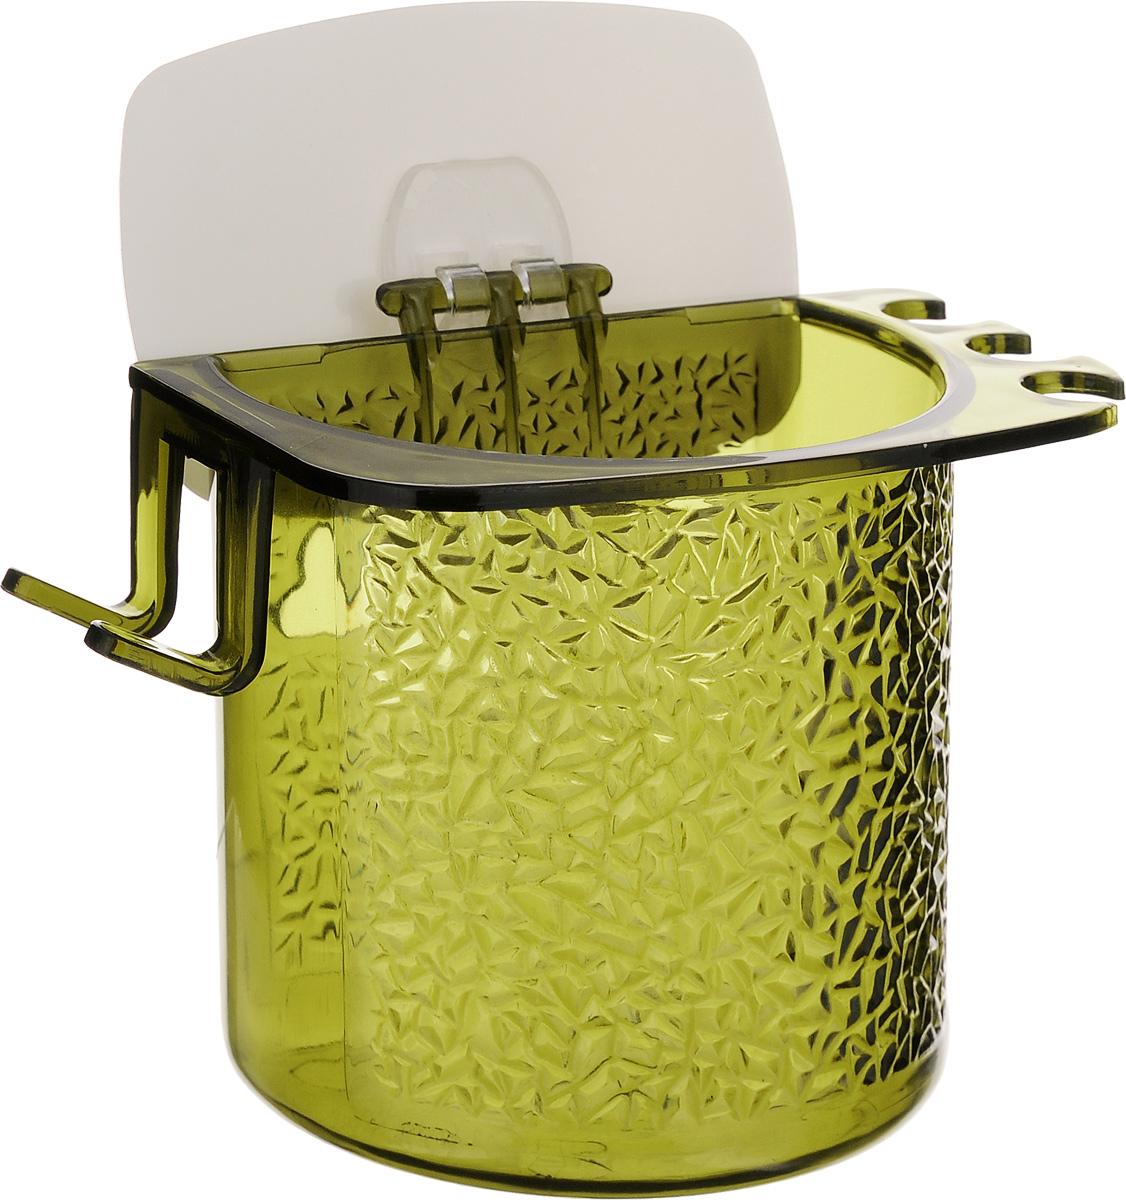 Стакан для ванной Fresh Code, на липкой основе, цвет: зеленыйRG-D31SСтакан для ванной комнаты Fresh Code выполнен из ABS пластика. Крепление на липкой основе многократного использования идеально подходит для гладкой поверхности. С оборотной стороны изделие оснащено двумя отверстиями для удобного размещения на стене.В стакане удобно хранить зубные щетки, пасту и другие принадлежности. Аксессуары для ванной комнаты Fresh Code стильно украсят интерьер и добавят в обычную обстановку яркие и модные акценты. Стакан идеально подойдет к любому стилю ванной комнаты.